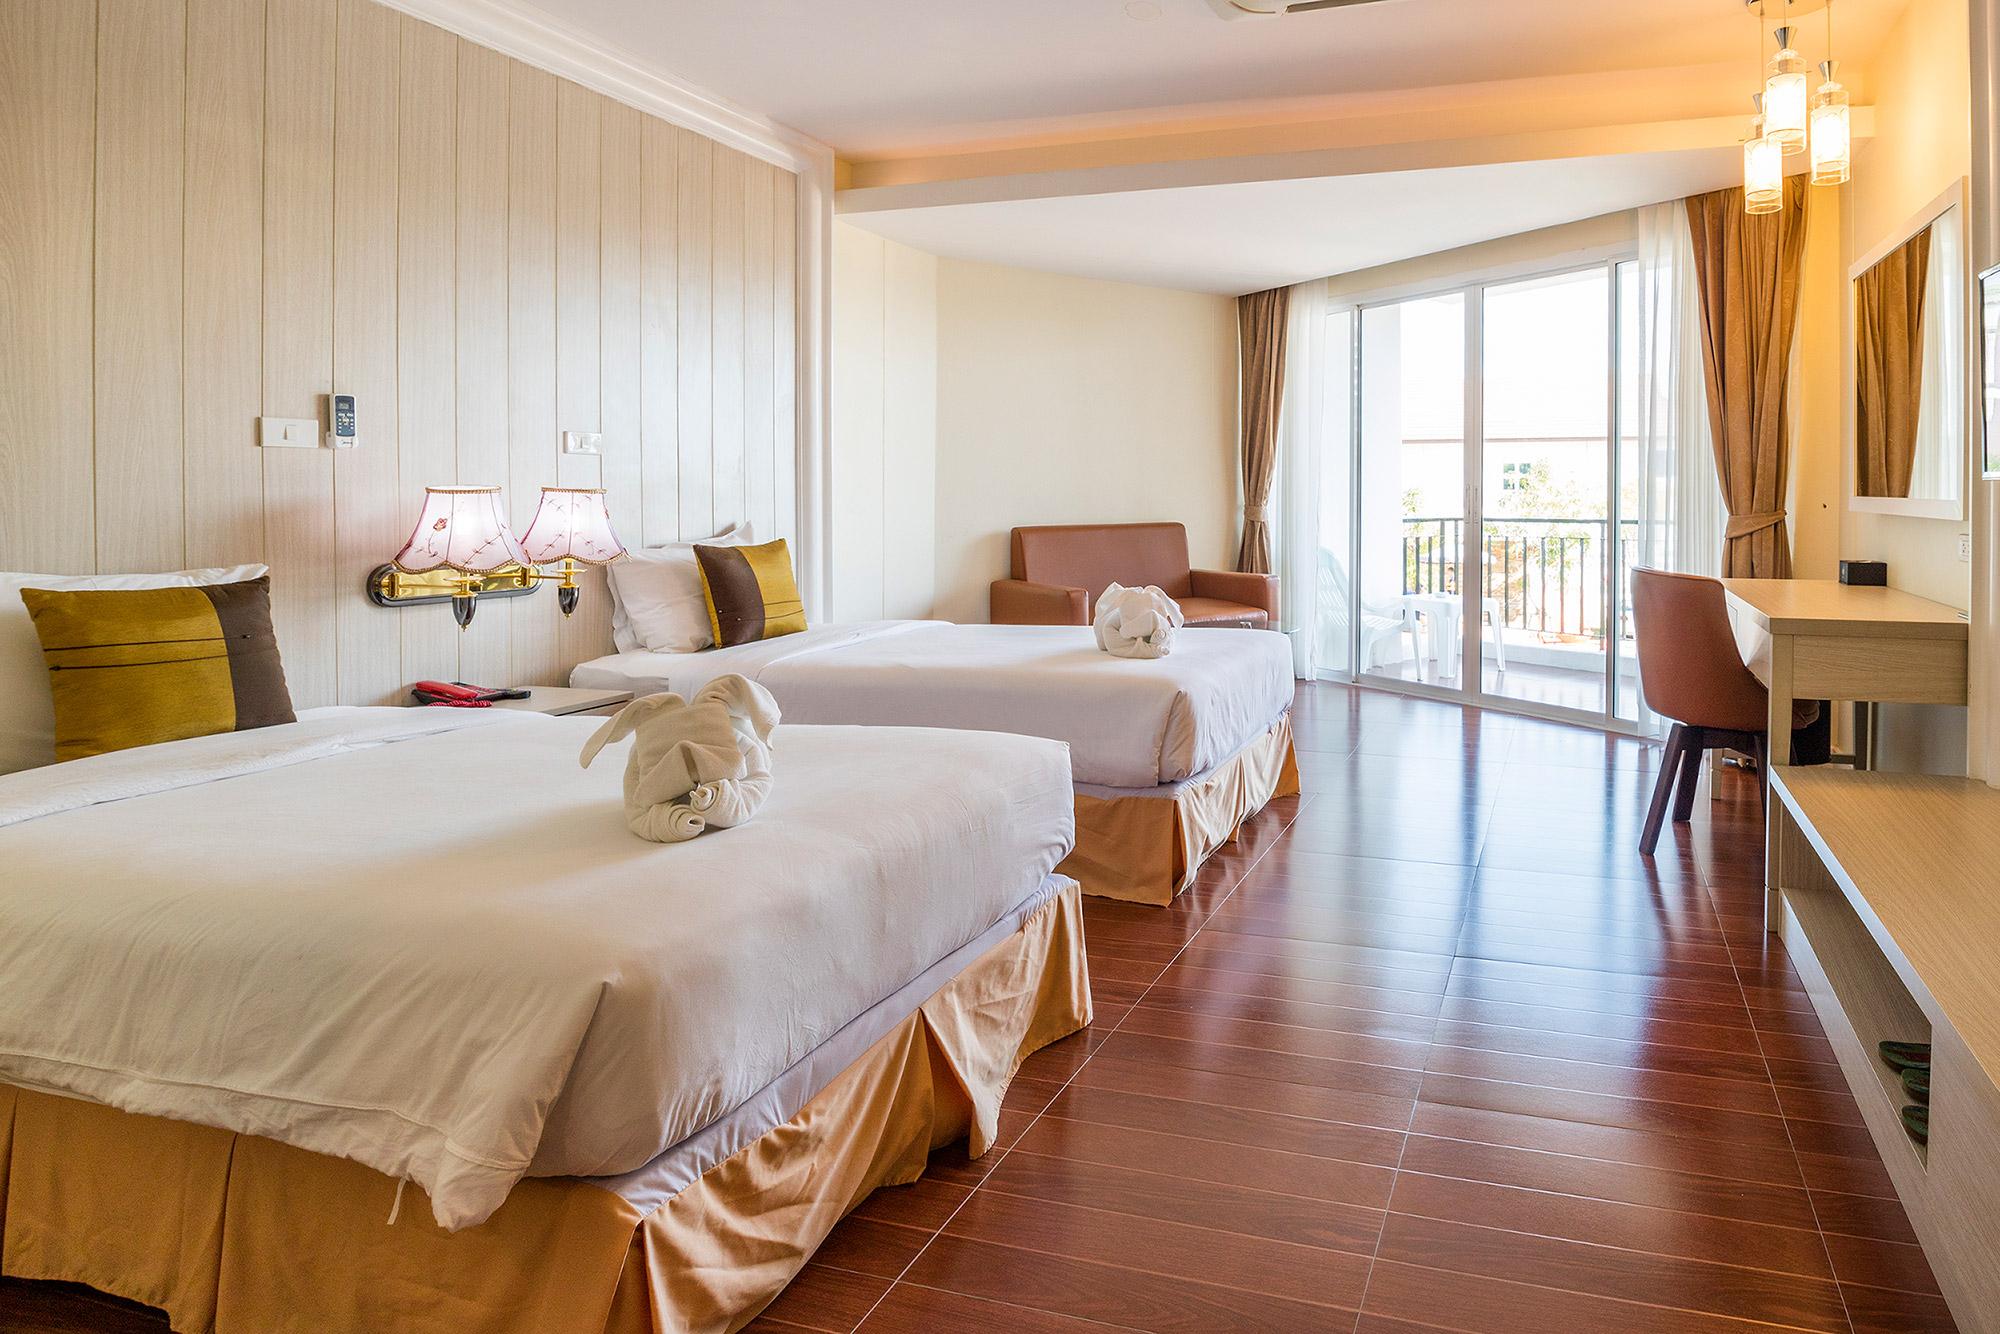 โรงแรมเซนต์ โทรเปซ บีช รีสอร์ท โฮเทล จันทบุรี Saint Tropez Beach Resort Hotel  โรงแรม เซนต์ โทรเปซ บีช รีสอร์ท โฮเทล จันทบุรี สวยติดหาด อ่าวคุ้งกระเบน IMG 5791